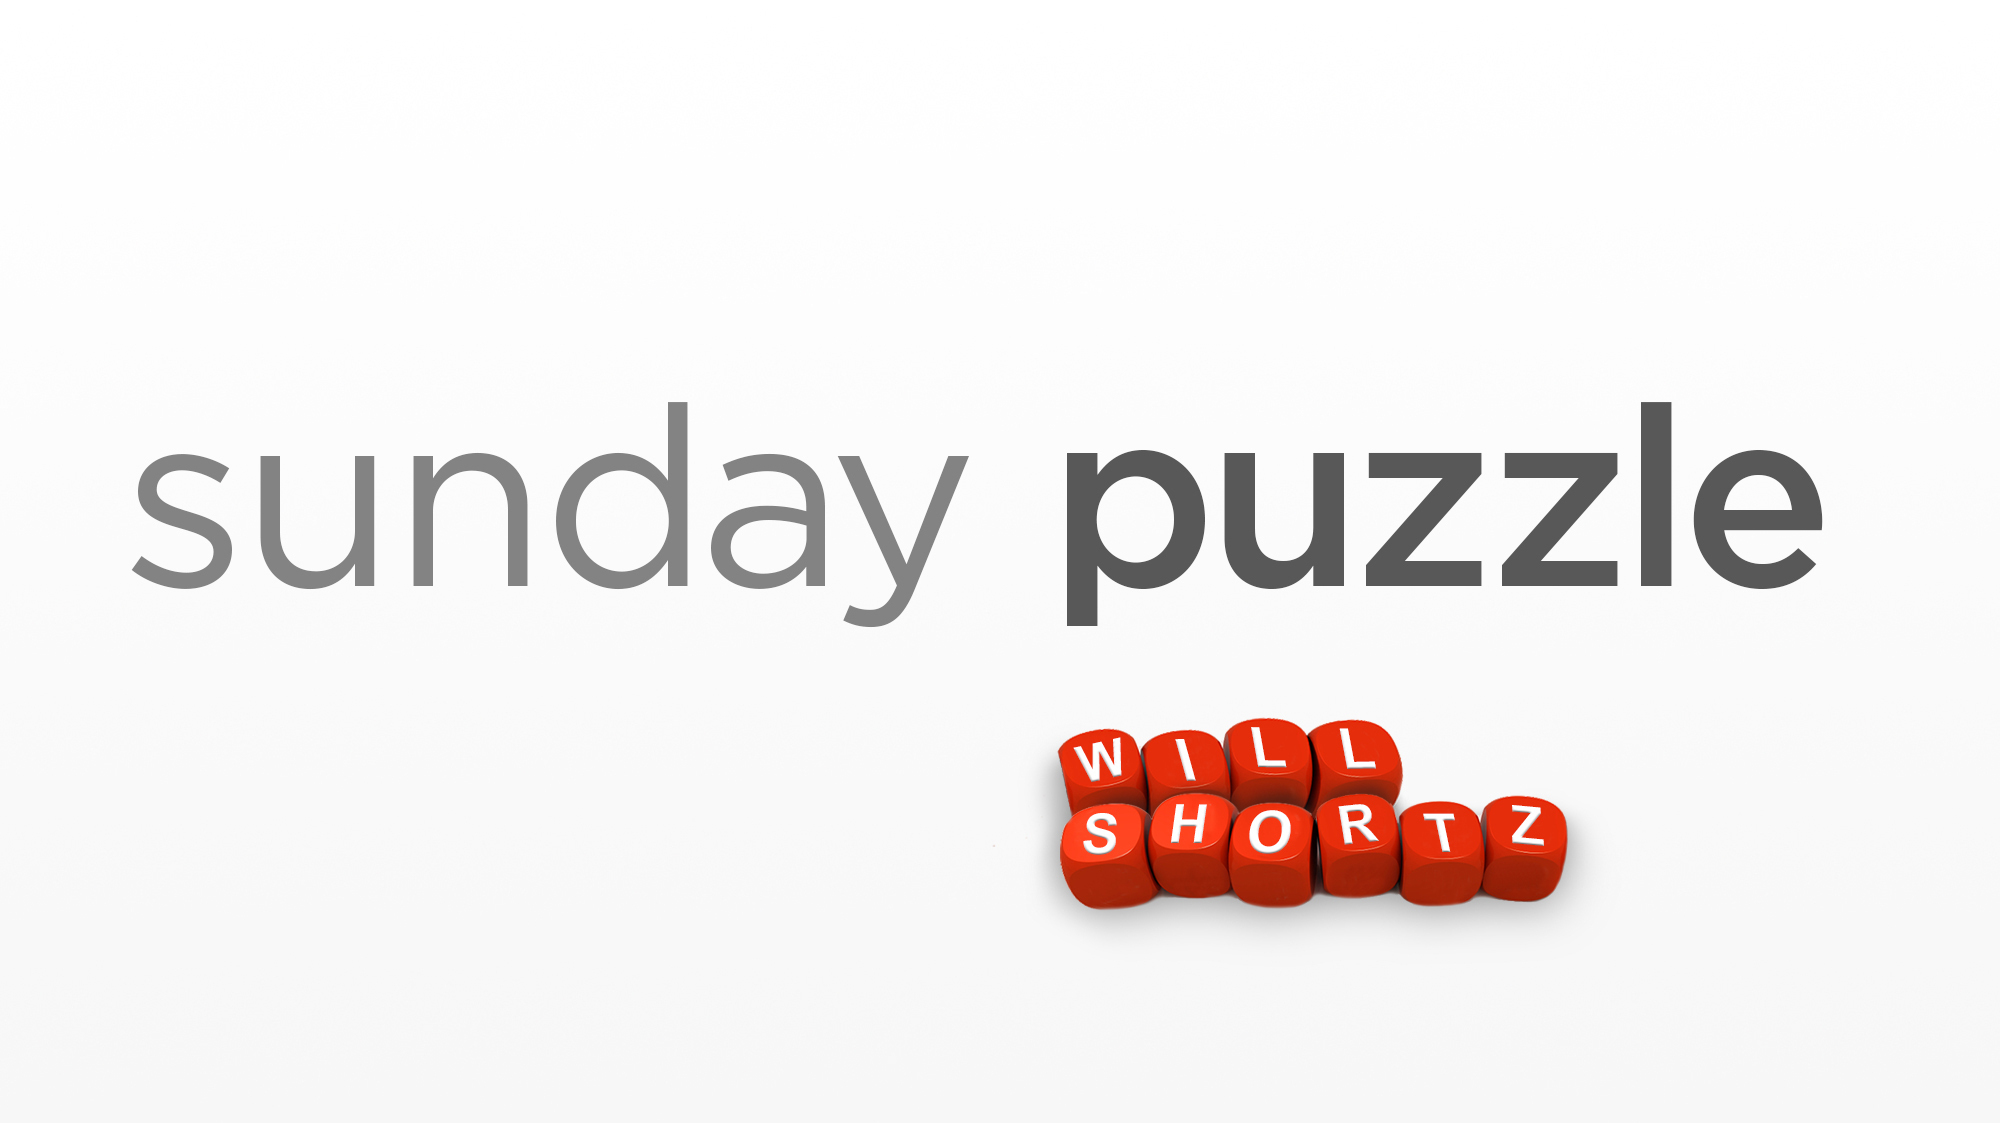 Sunday Puzzle 5 To 7 Npr